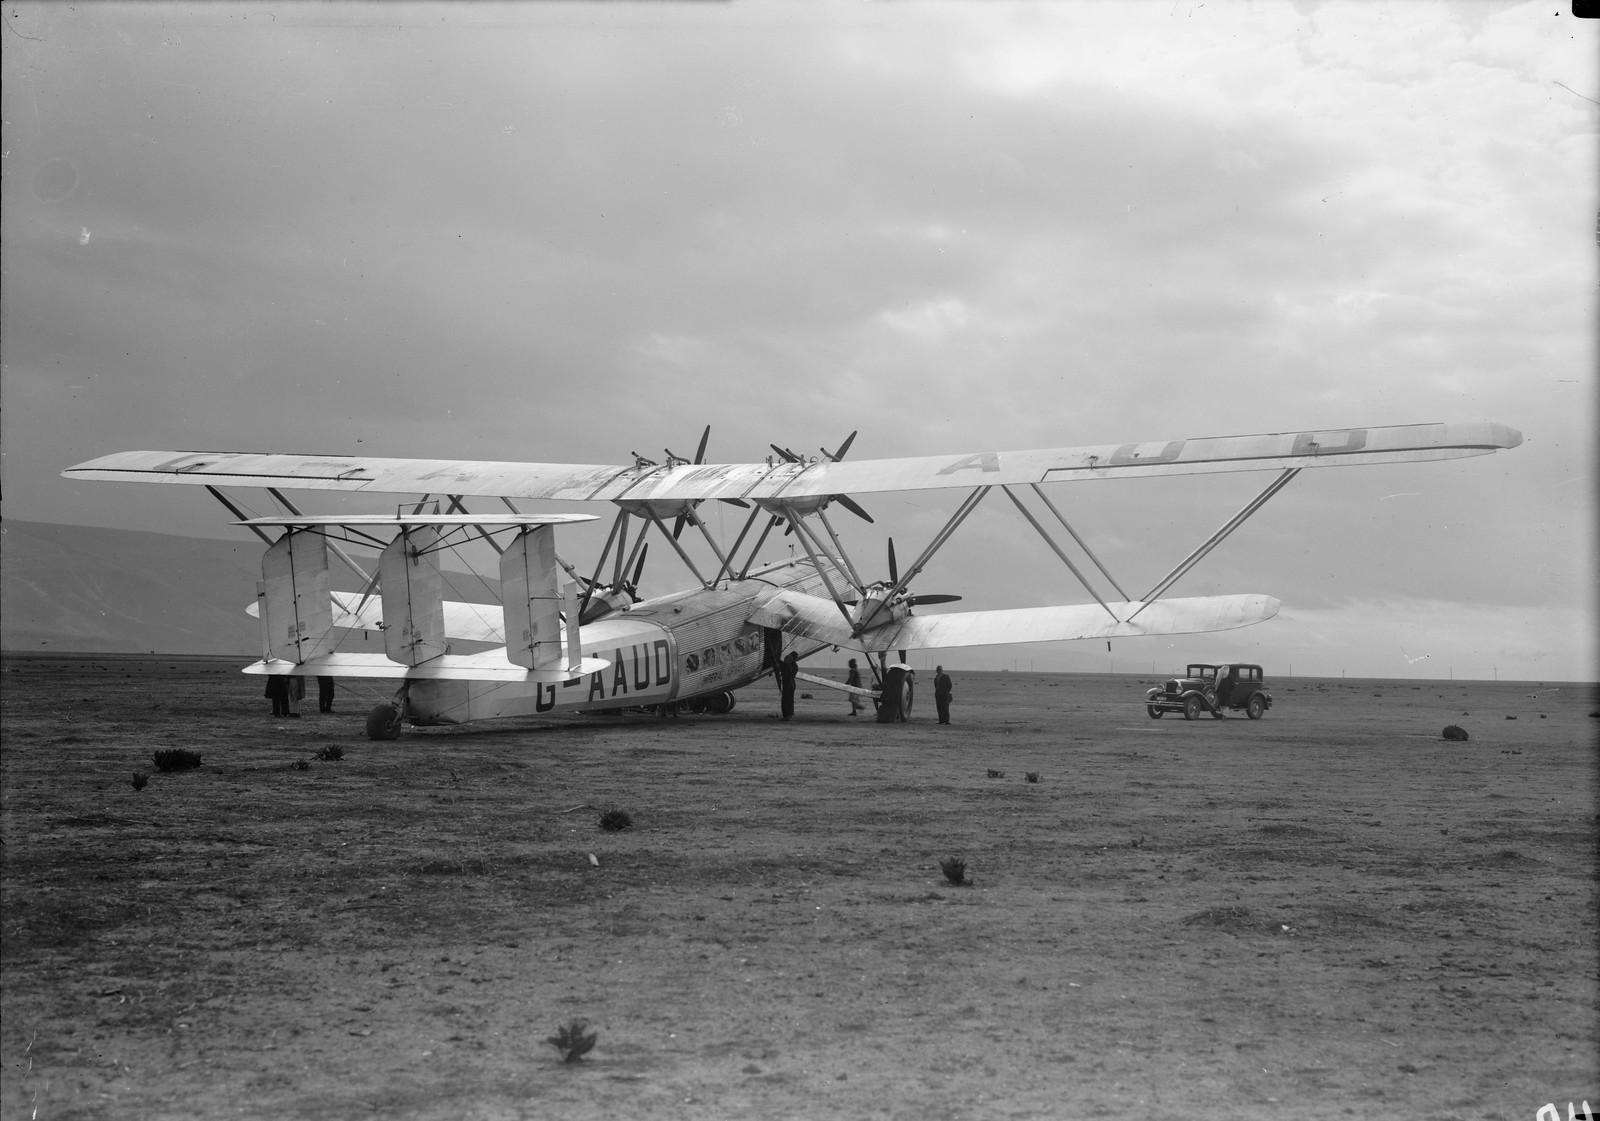 15. Первый полет самолета G-AAUD Hanno.  Самолет готов к взлету